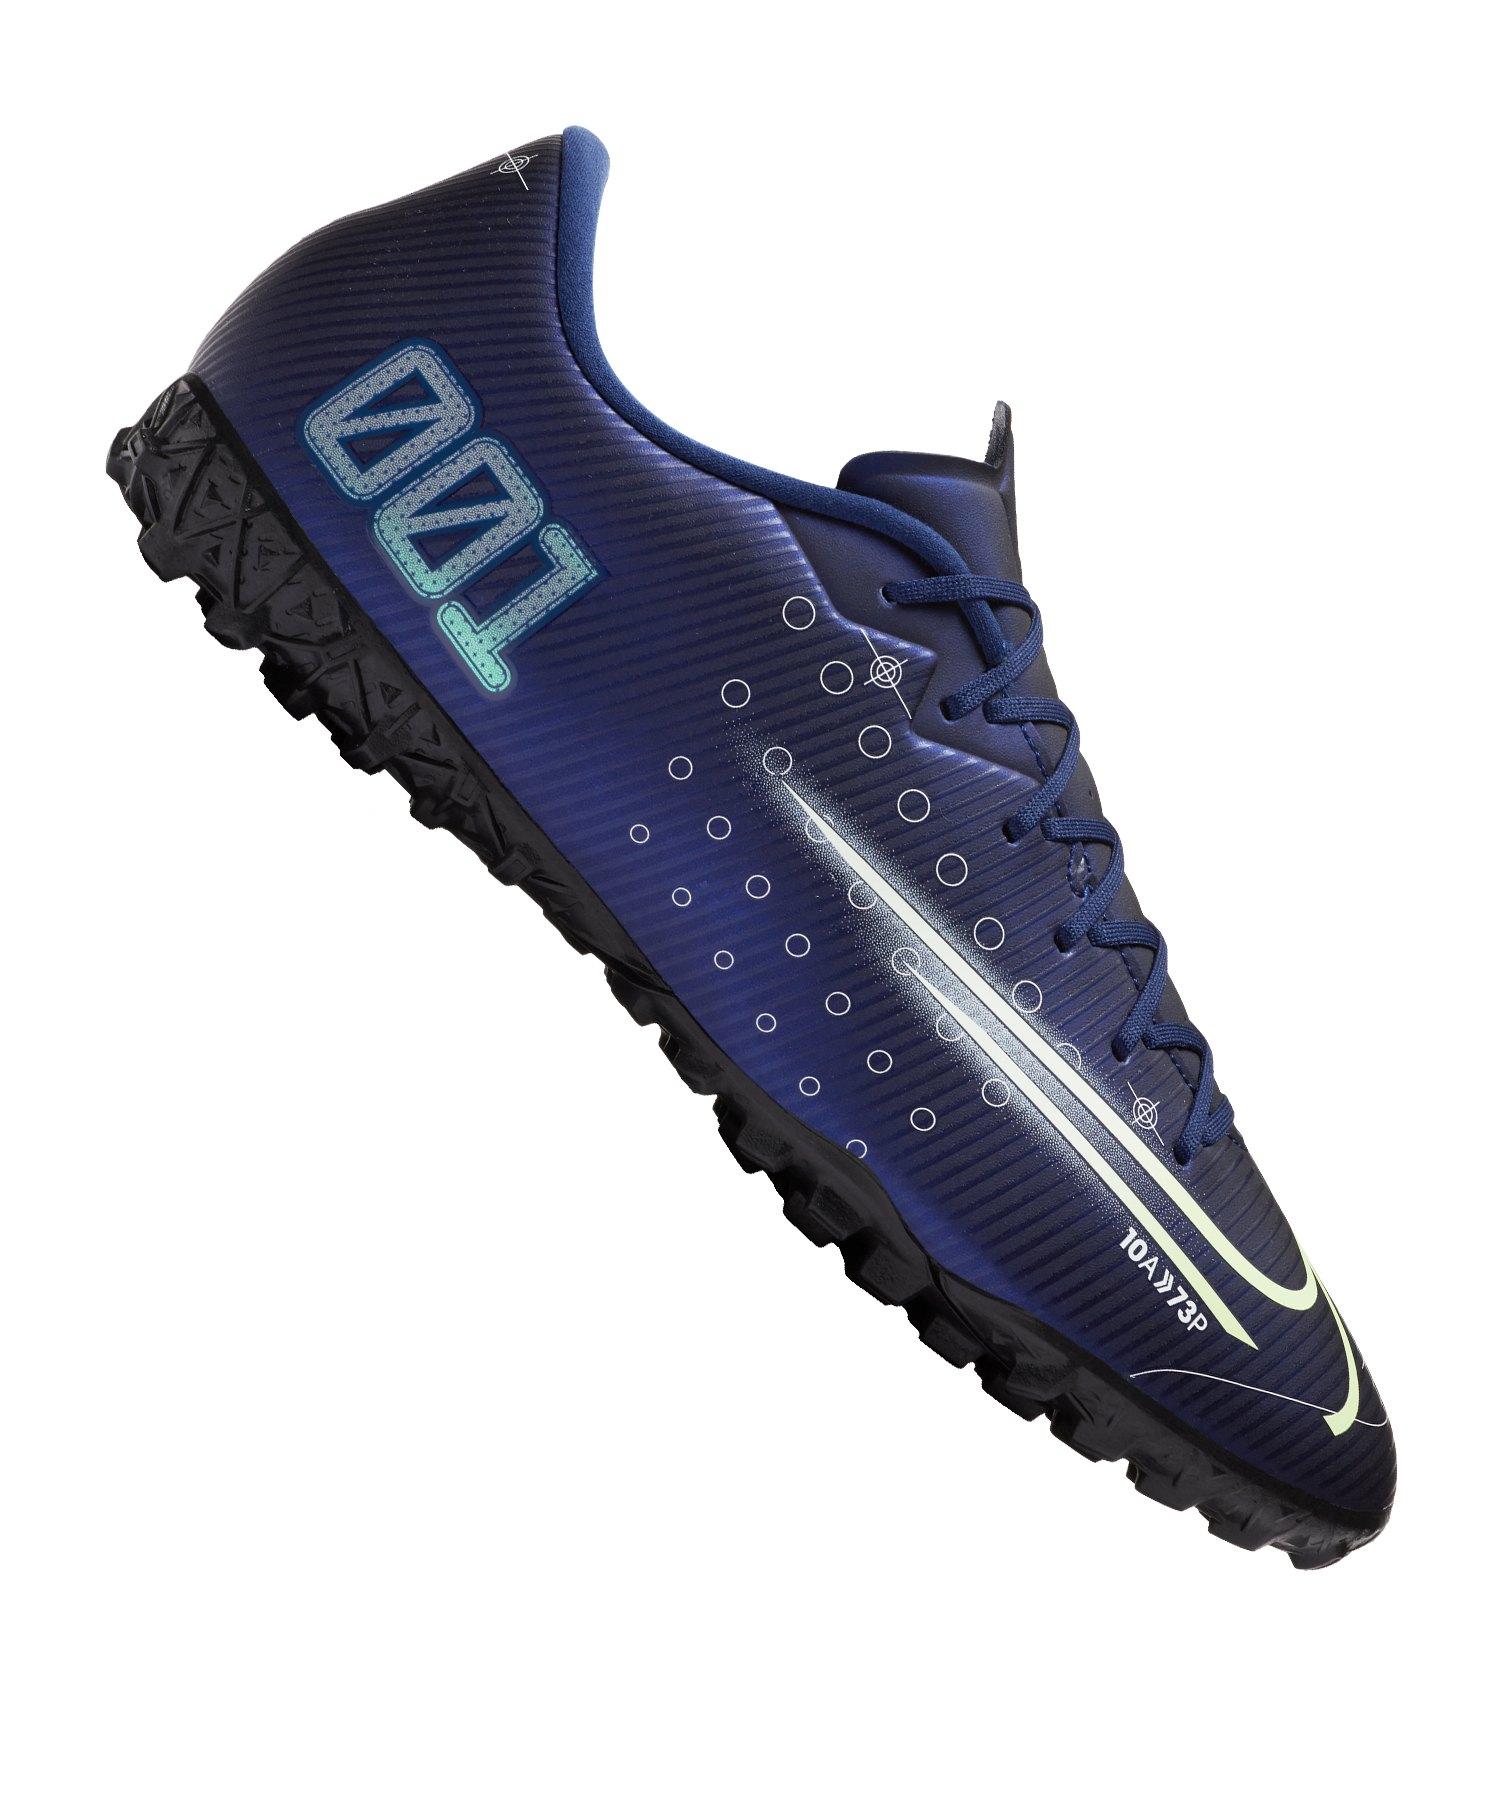 Nike Mercurial Vapor XIII Dreamspeed Academy TF Blau F401 - blau